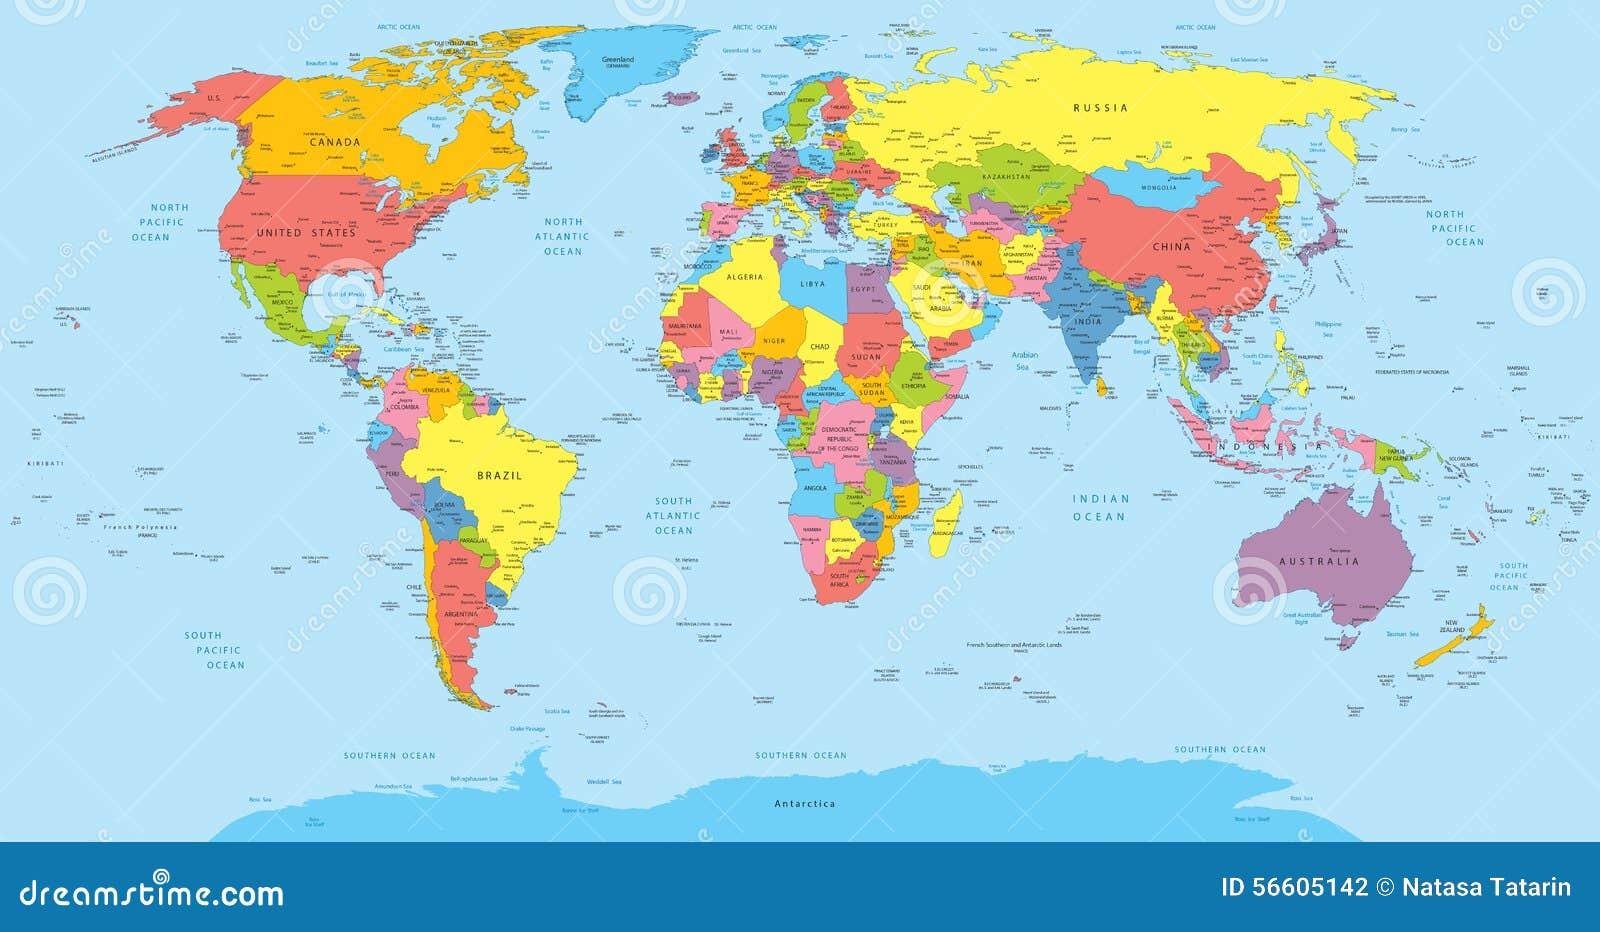 Cartina Mondo Politica Con Capitali.Mappa Di Mondo Con I Nomi Dei Paesi Del Paese E Della Citta Illustrazione Vettoriale Illustrazione Di Graffetta Globo 56605142